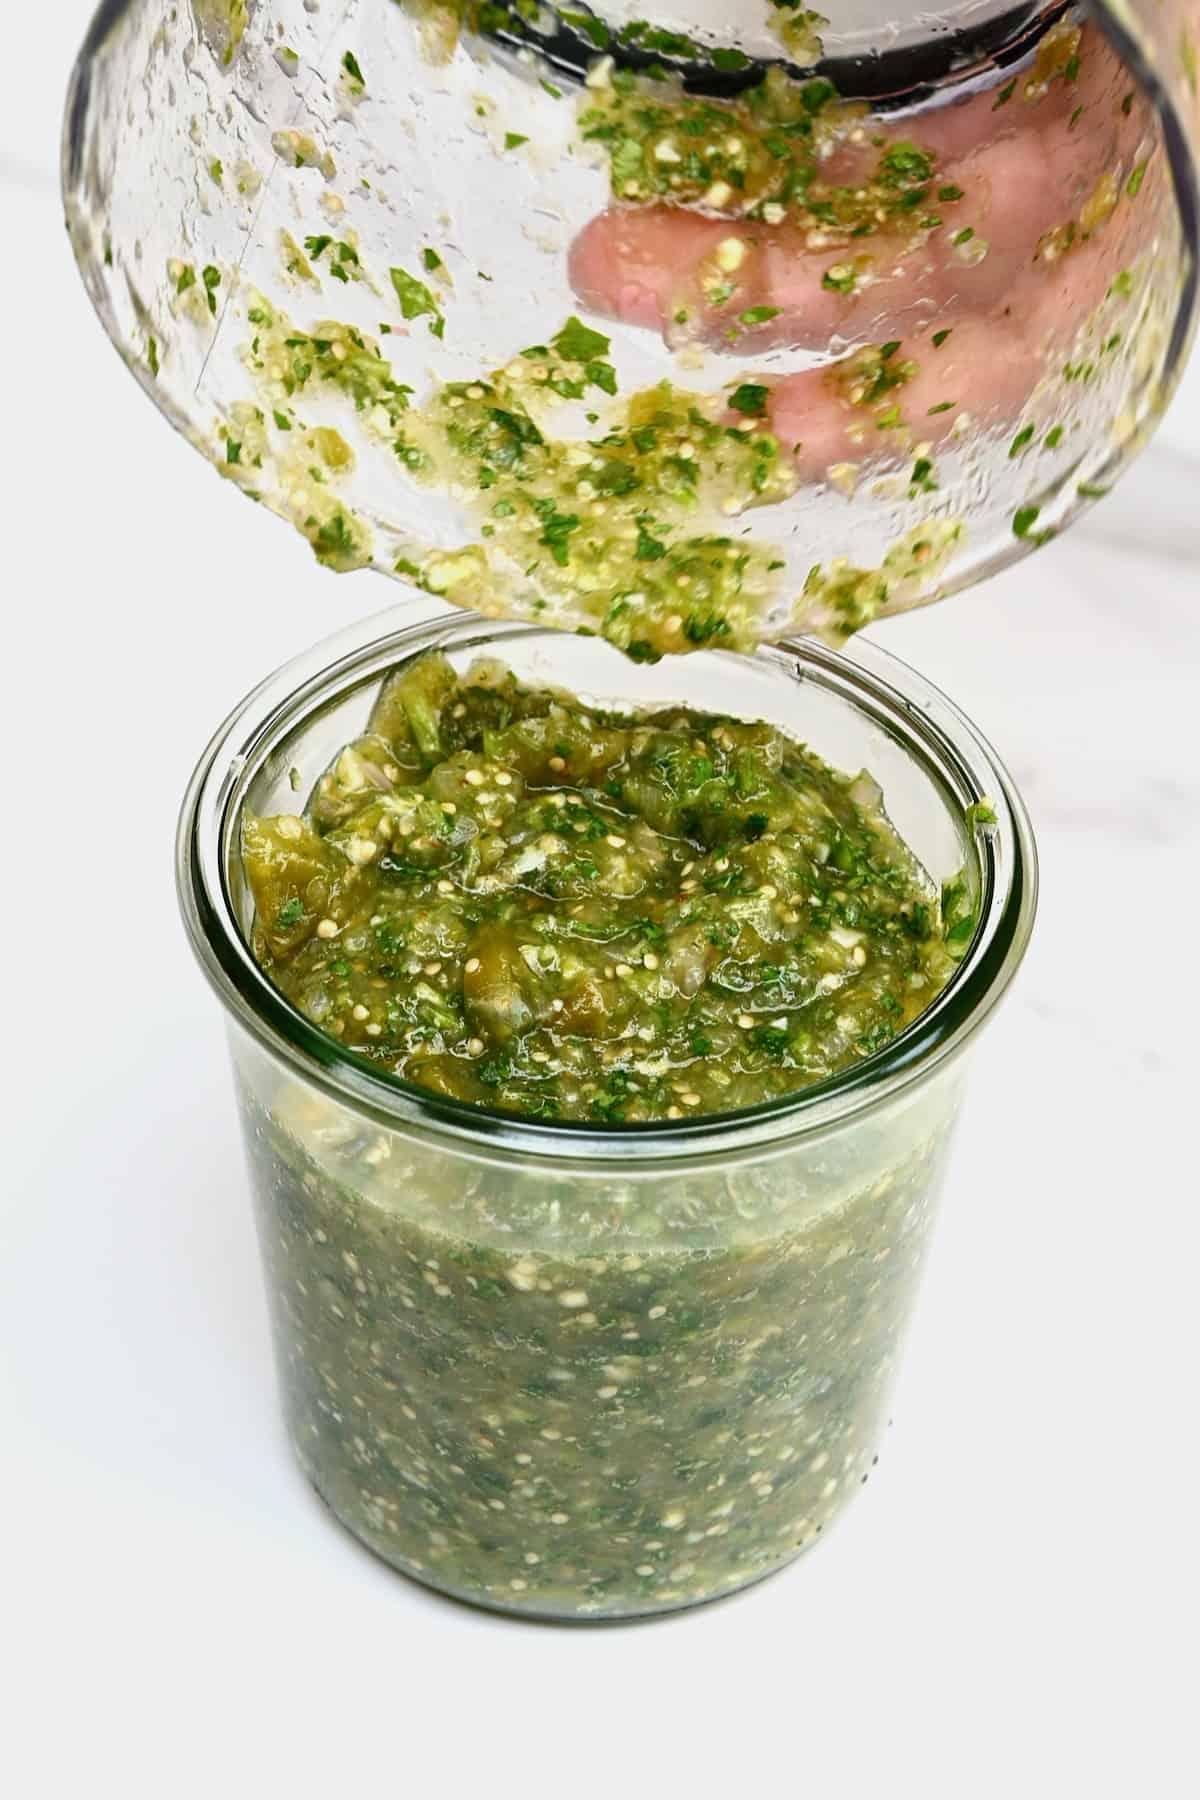 Pouring tomatillo green chili salsa in a jar